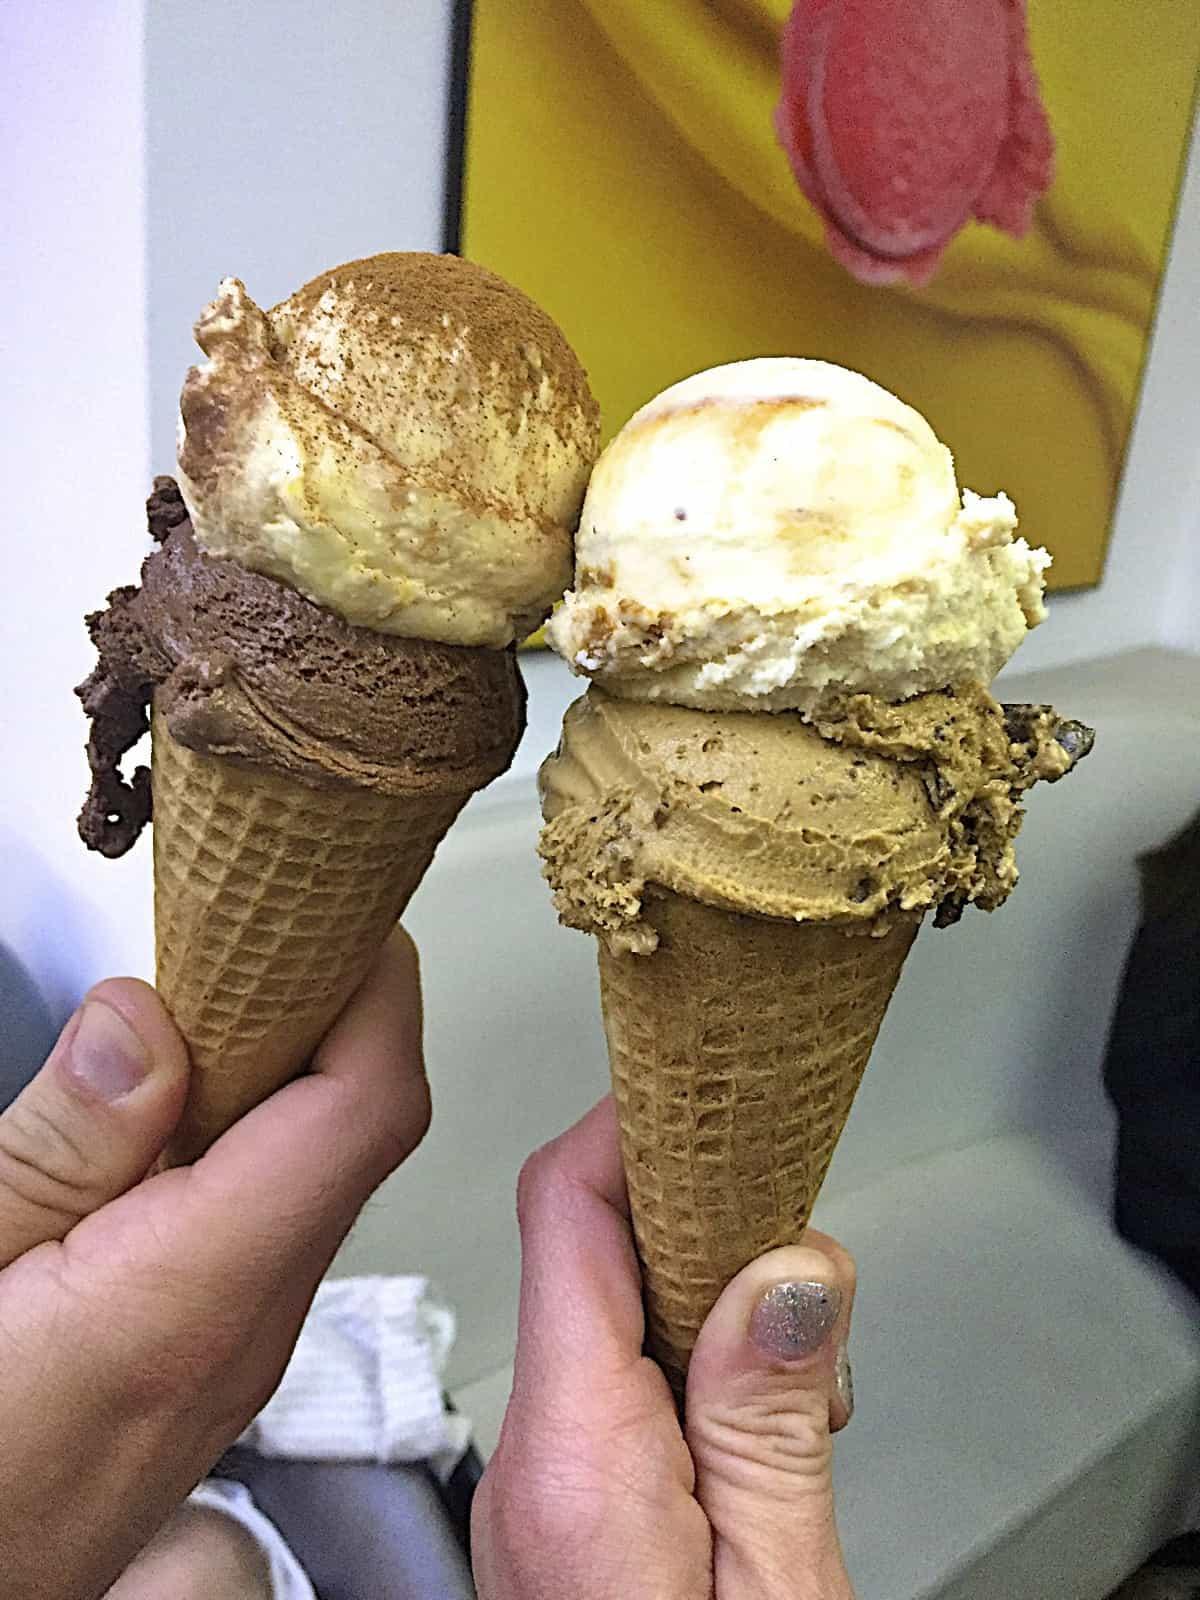 Cones - The Bakermama Taste of NYC